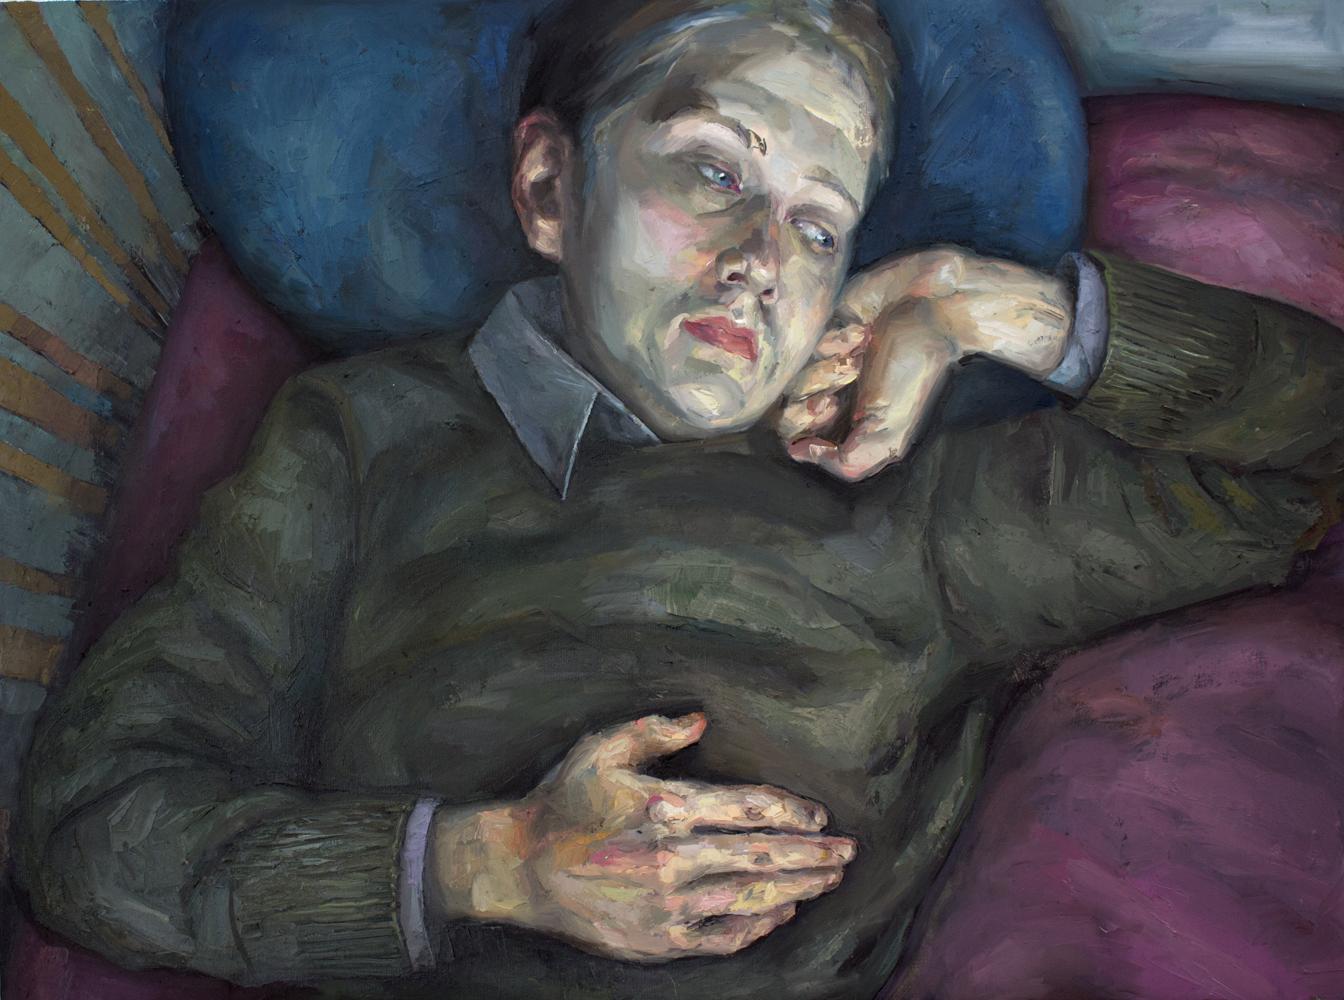 Ennui - Boredom 2018 Oil on canvas 65 x 89cm